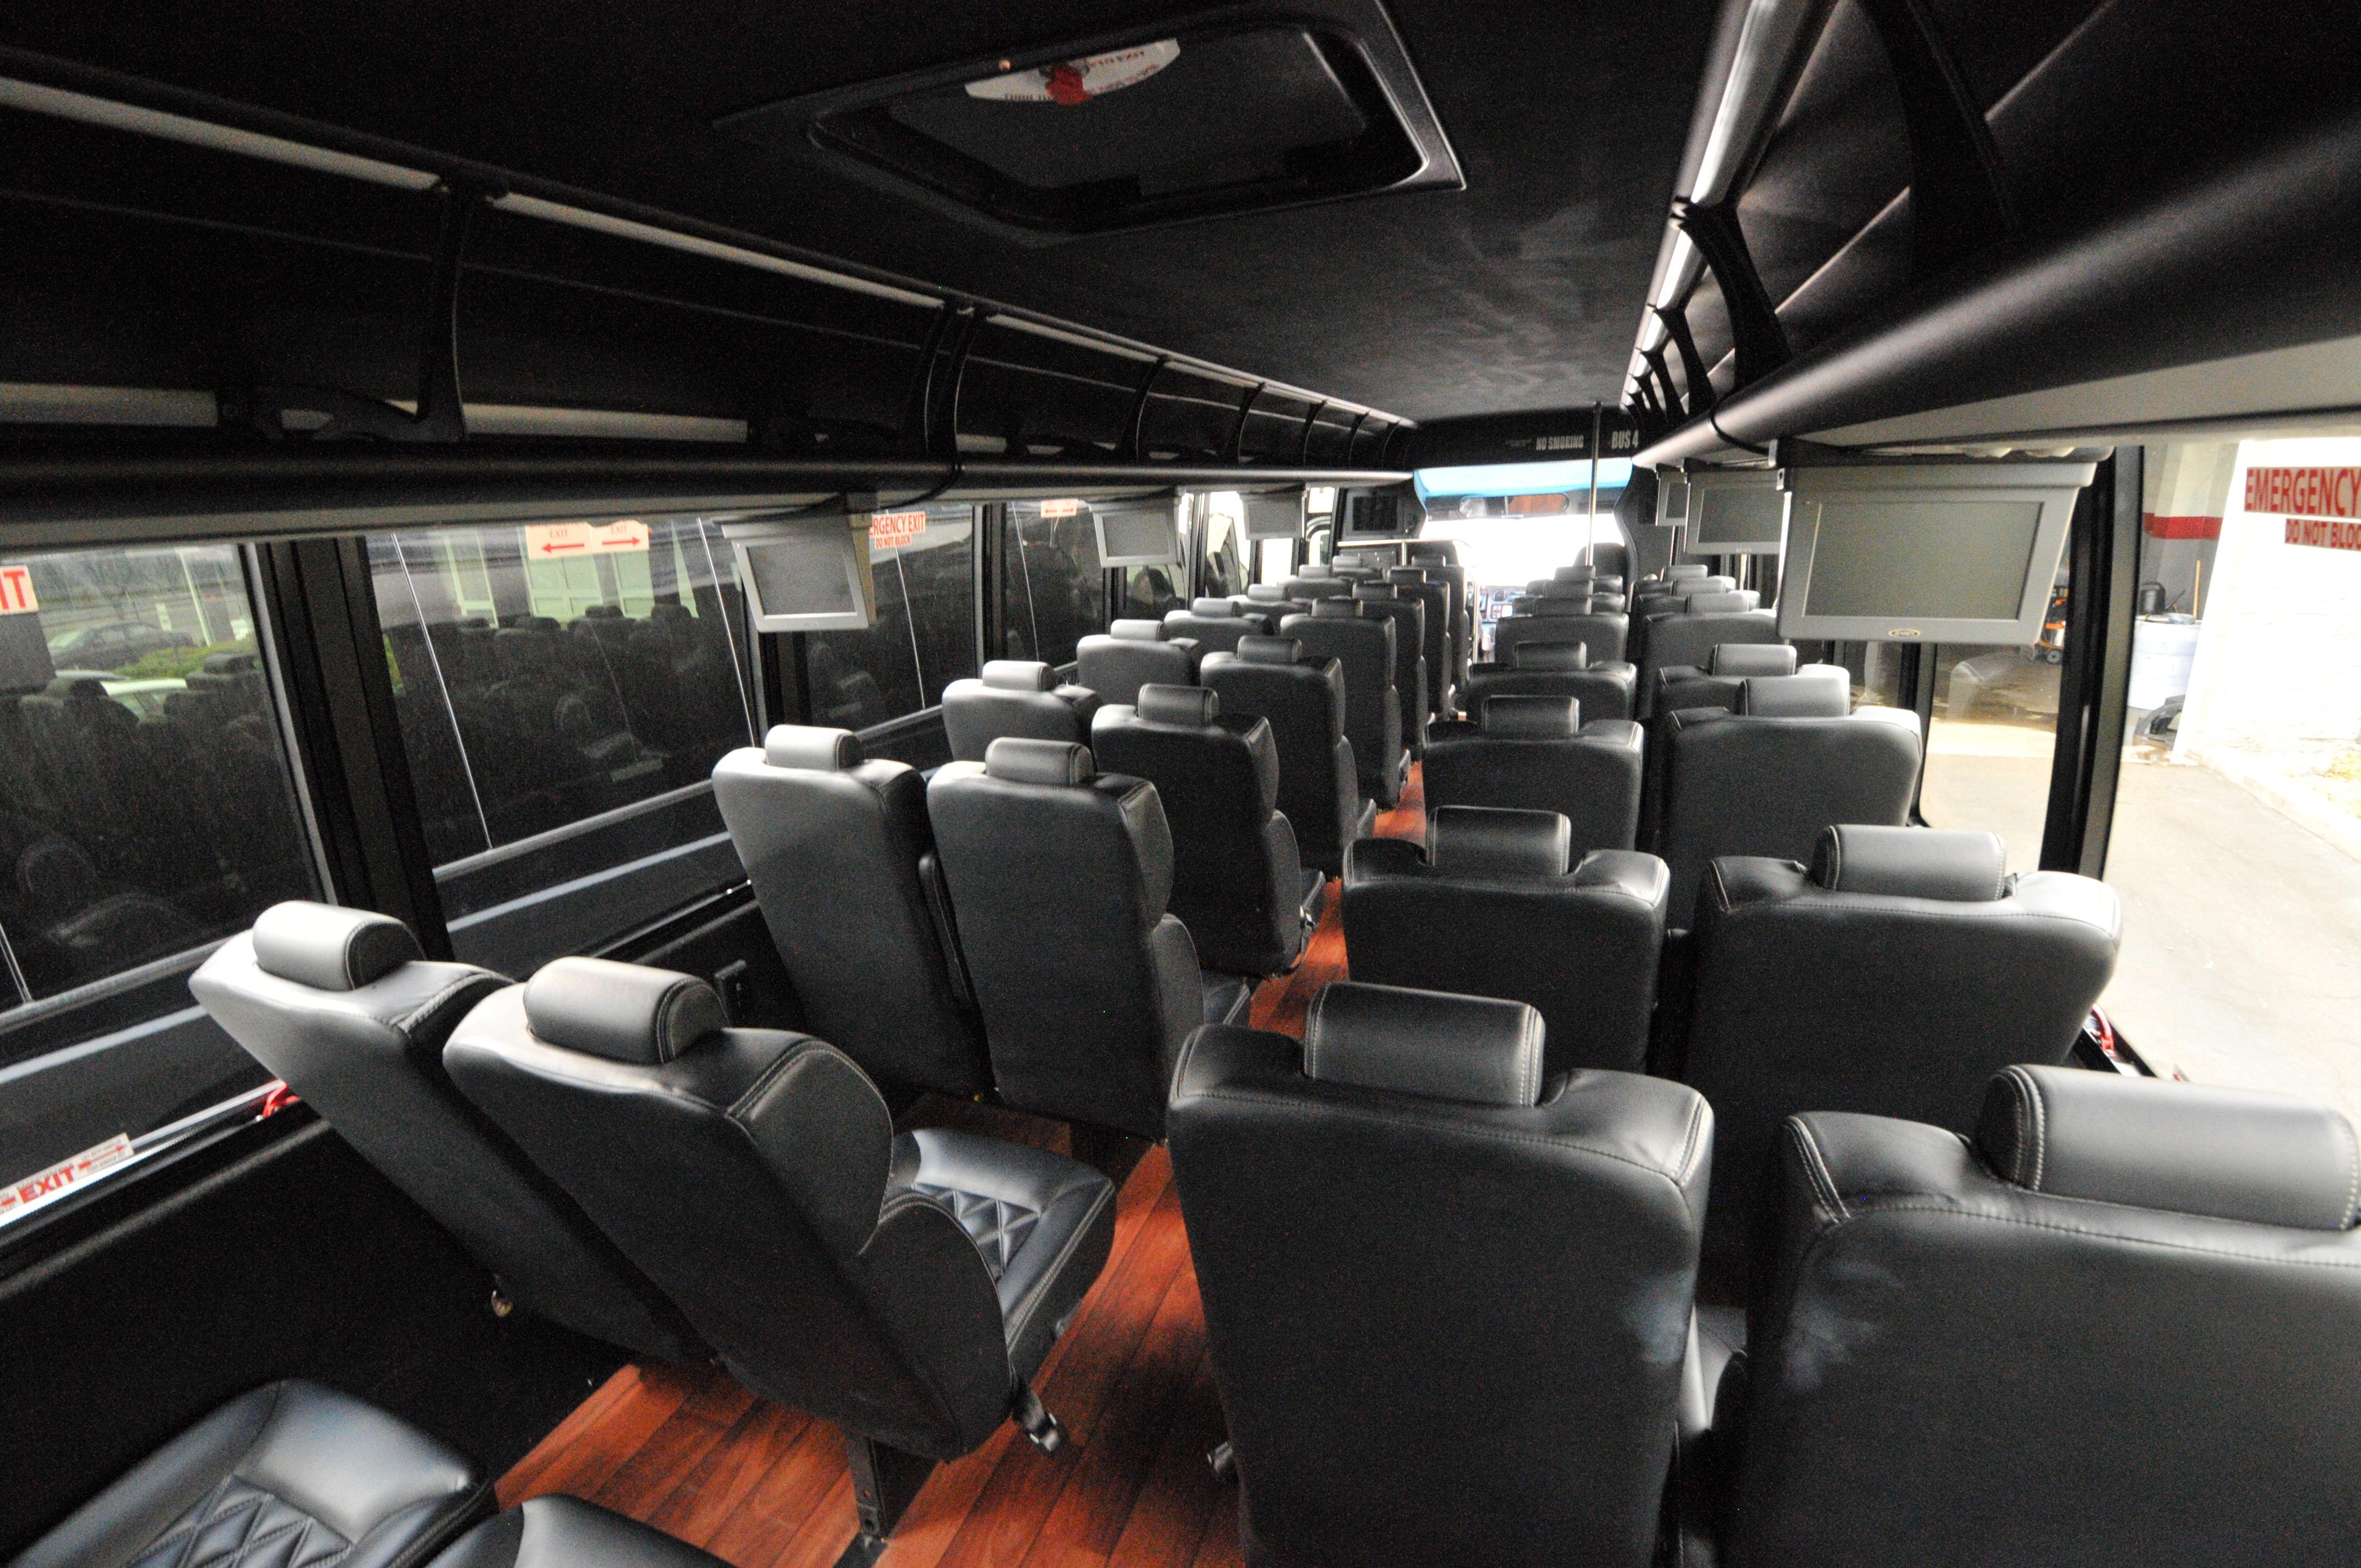 Minibus Service Interior Rear View